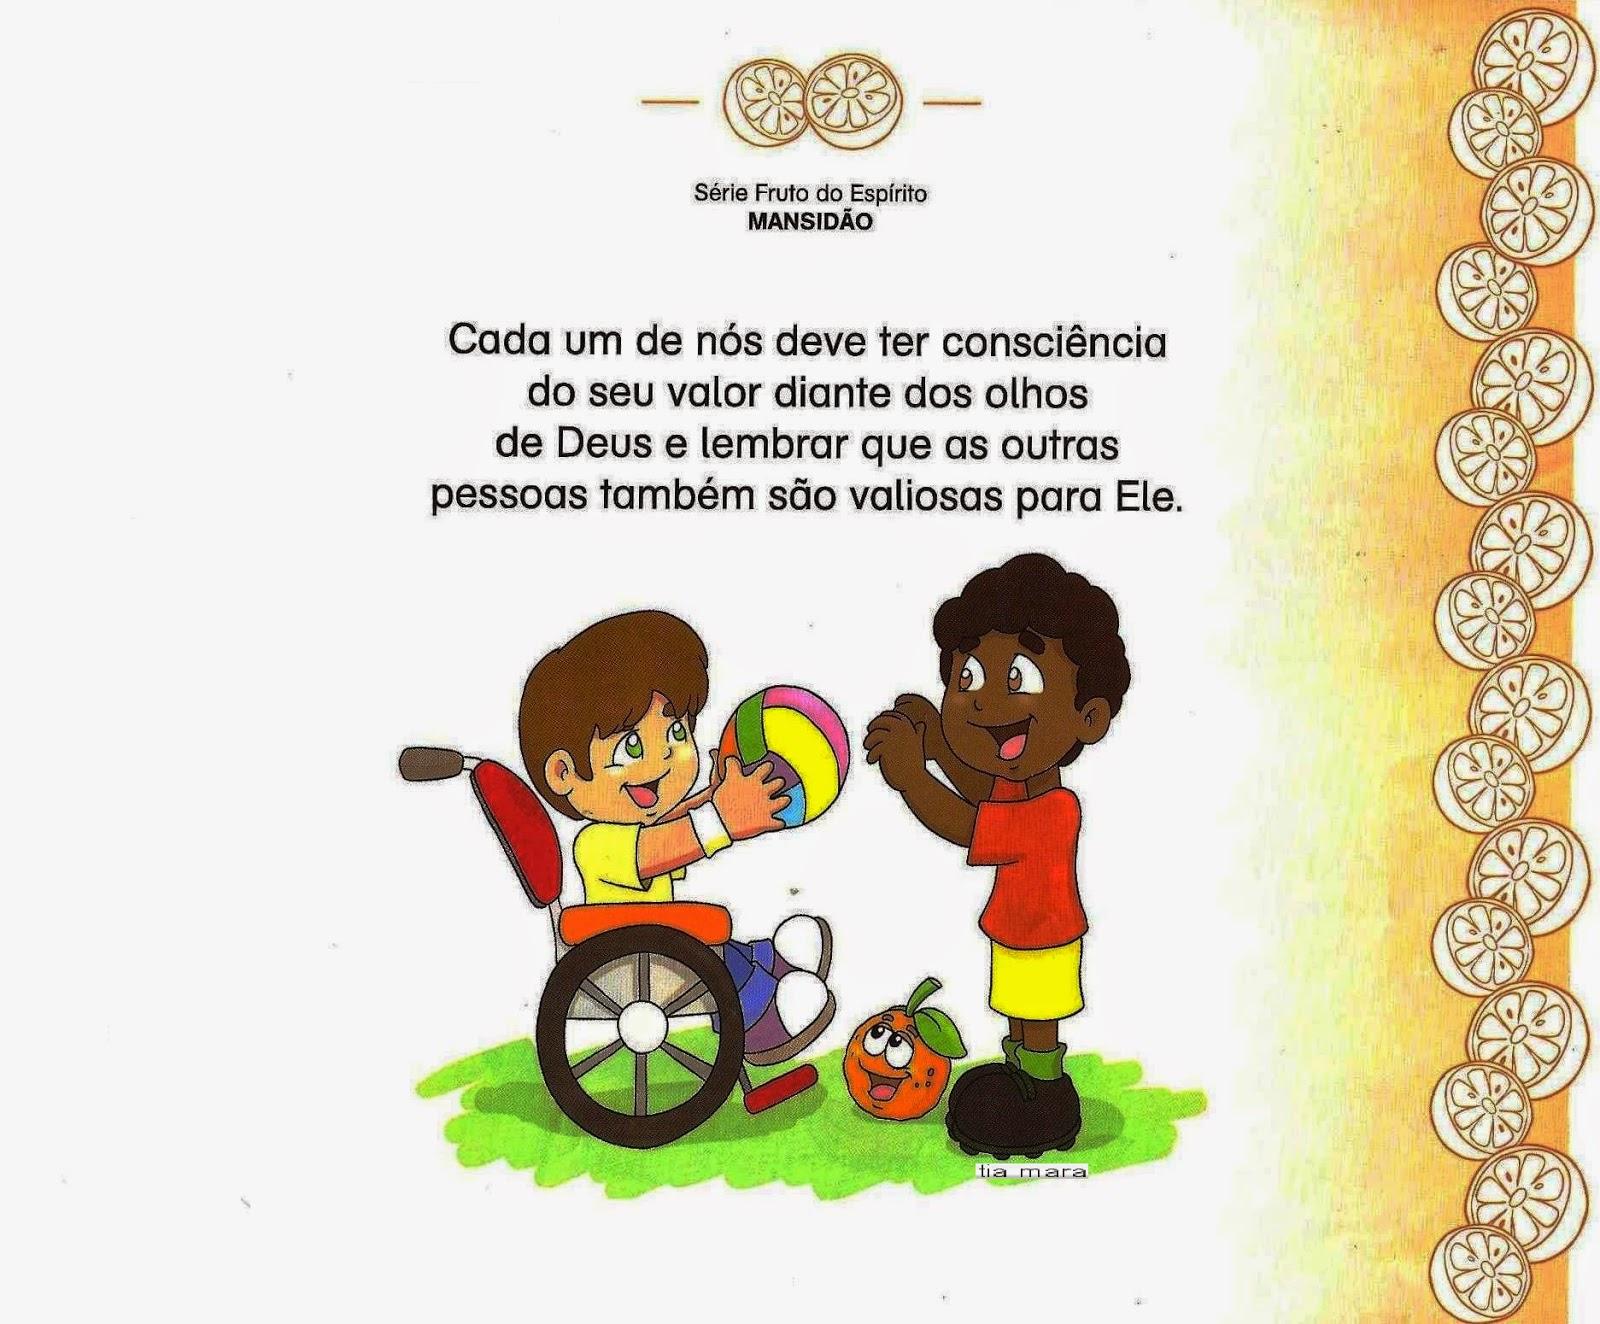 Excepcional Educando com a Tia Mara e Cia: O Fruto do Espírito - MANSIDÃO LA75